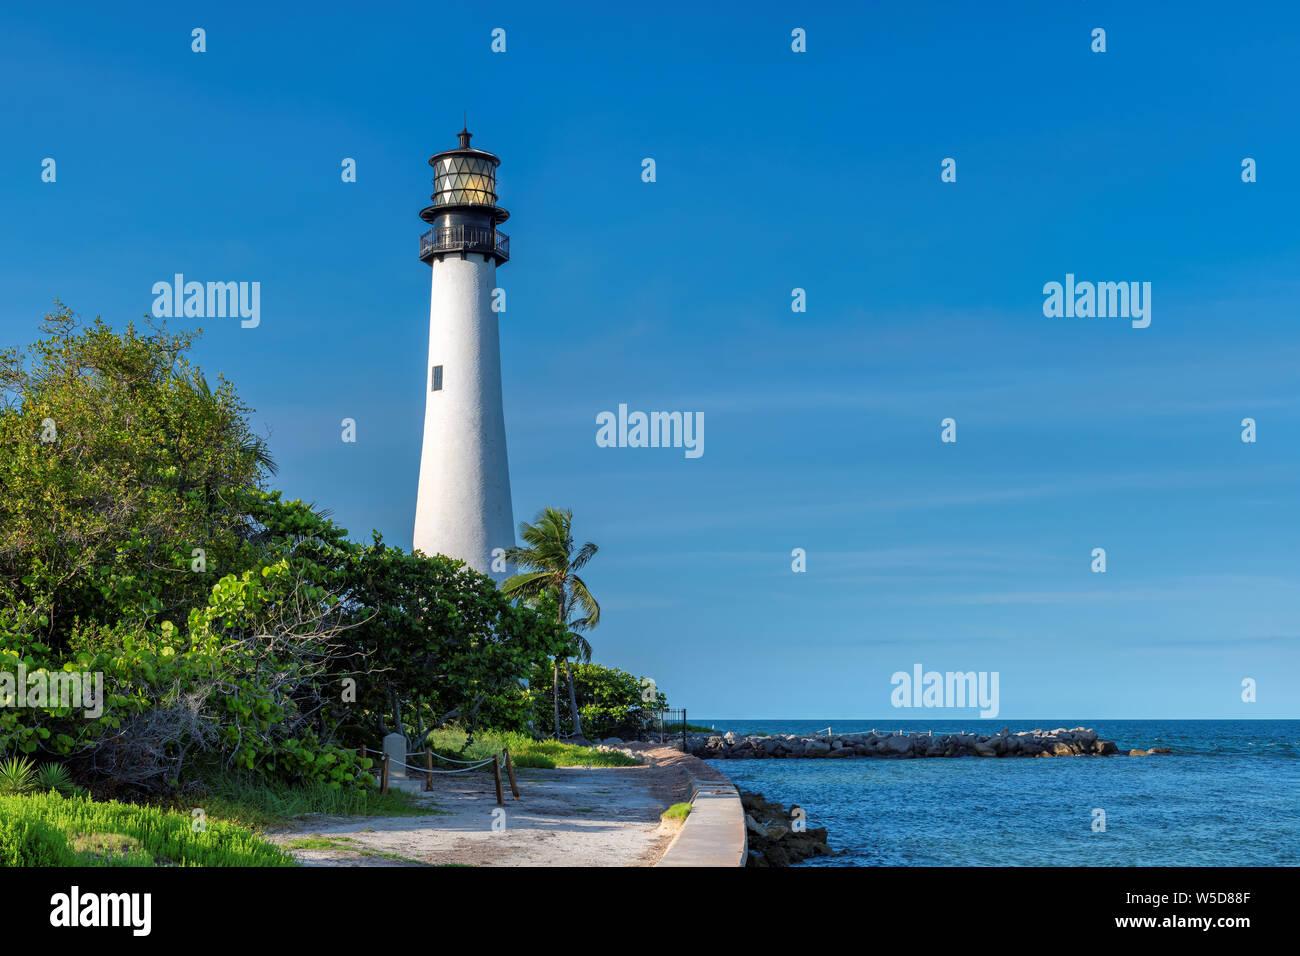 Cape Florida Lighthouse on the beach, Key Biscayne, Miami, Florida, USA Stock Photo